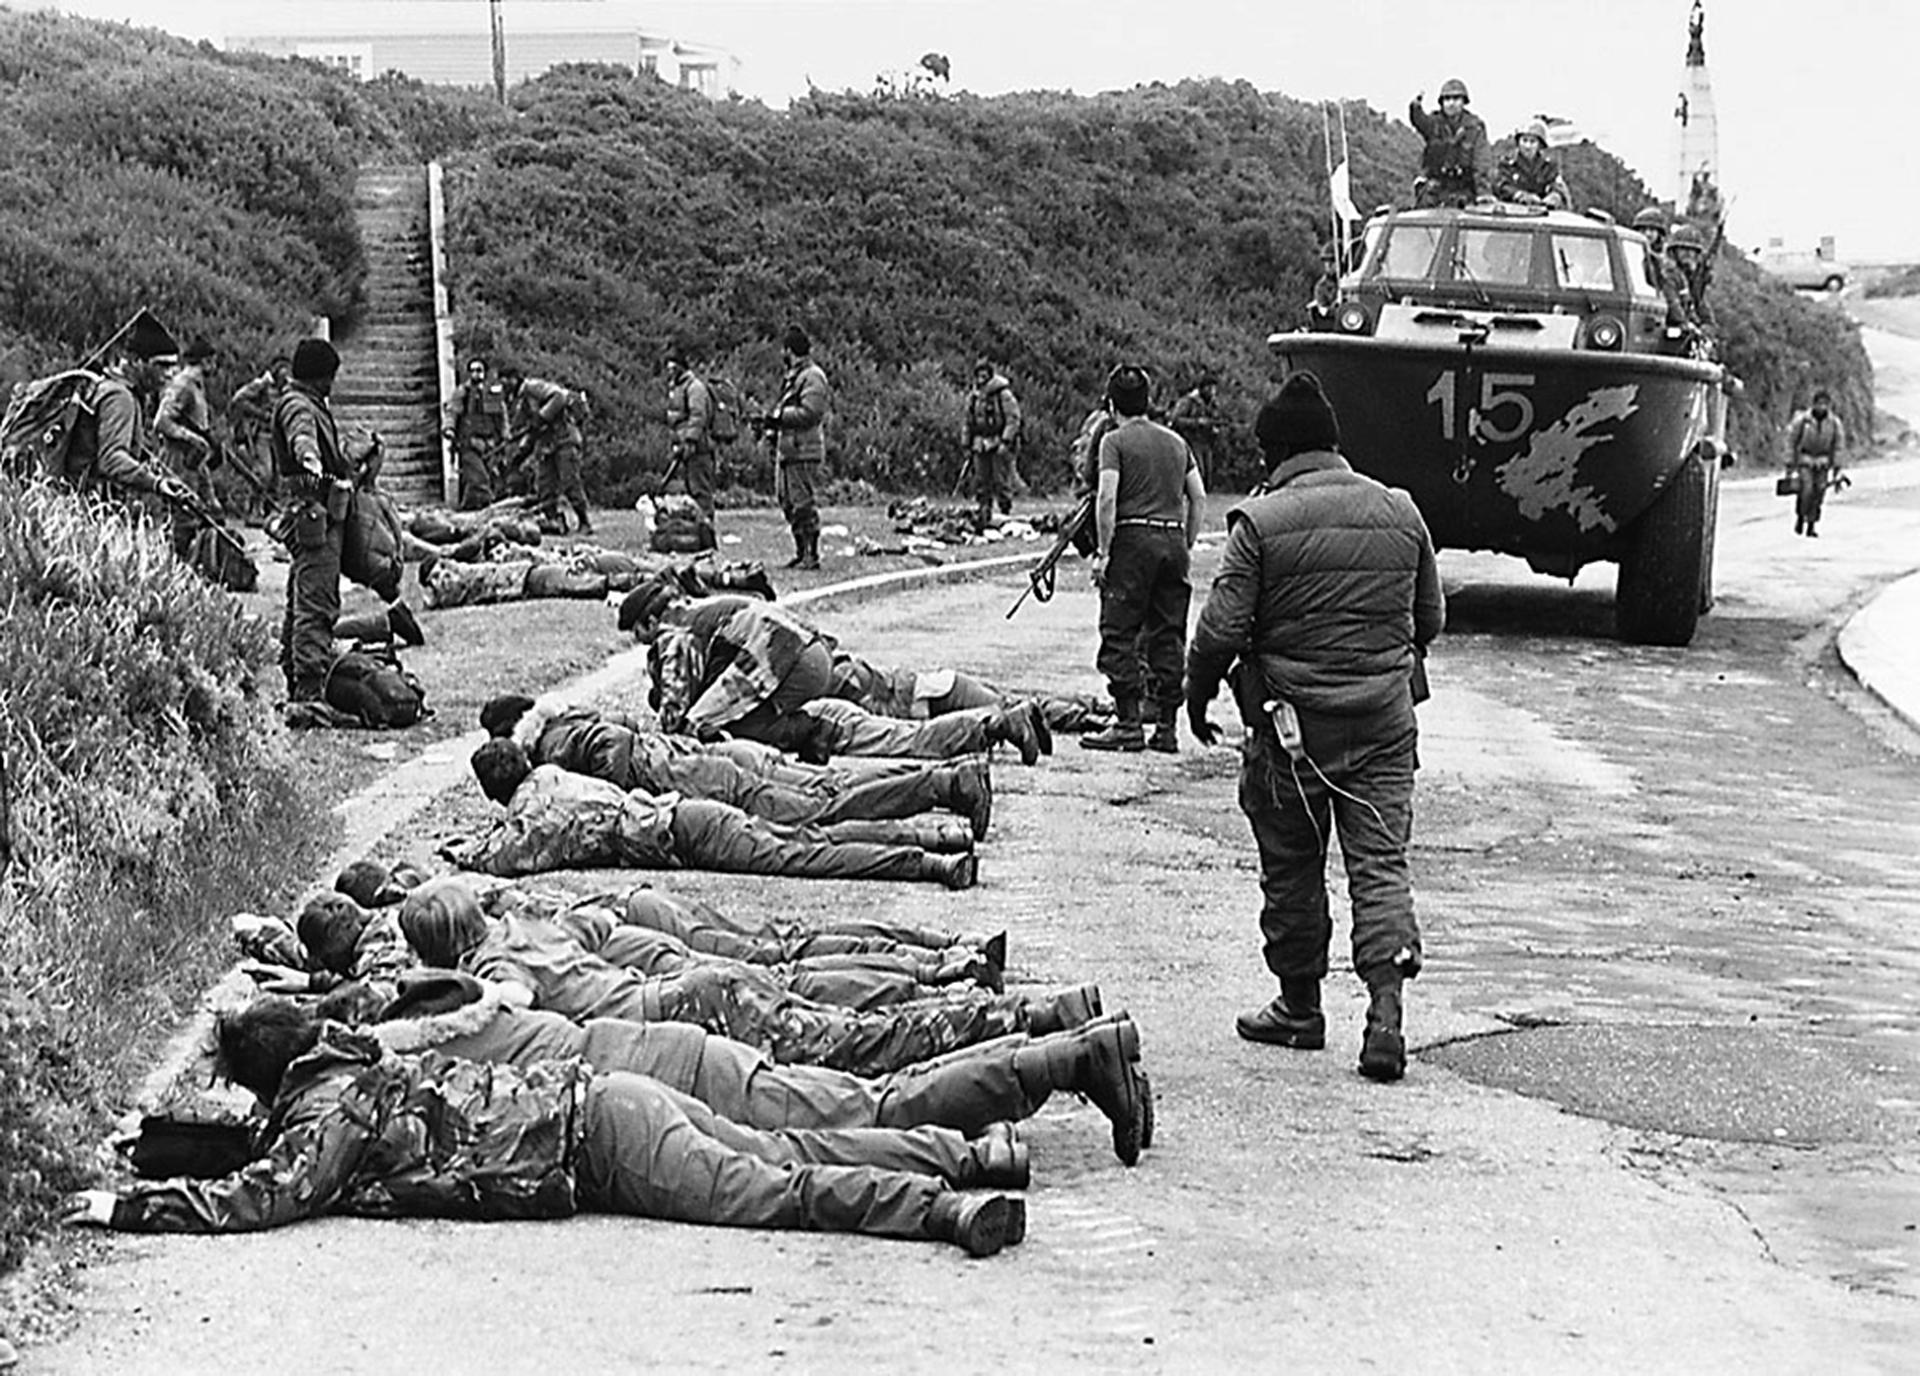 En Ross Road, Puerto Argentino, los marines deponen sus armas frente a los comandos anfibios de la Armada Argentina. En los enfrentamientos cae el Capitán Pedro Edgardo Giachino y resultan heridos de gravedad el Teniente de Fragata Diego García Quiroga y el Cabo Primero Ernesto Urbina